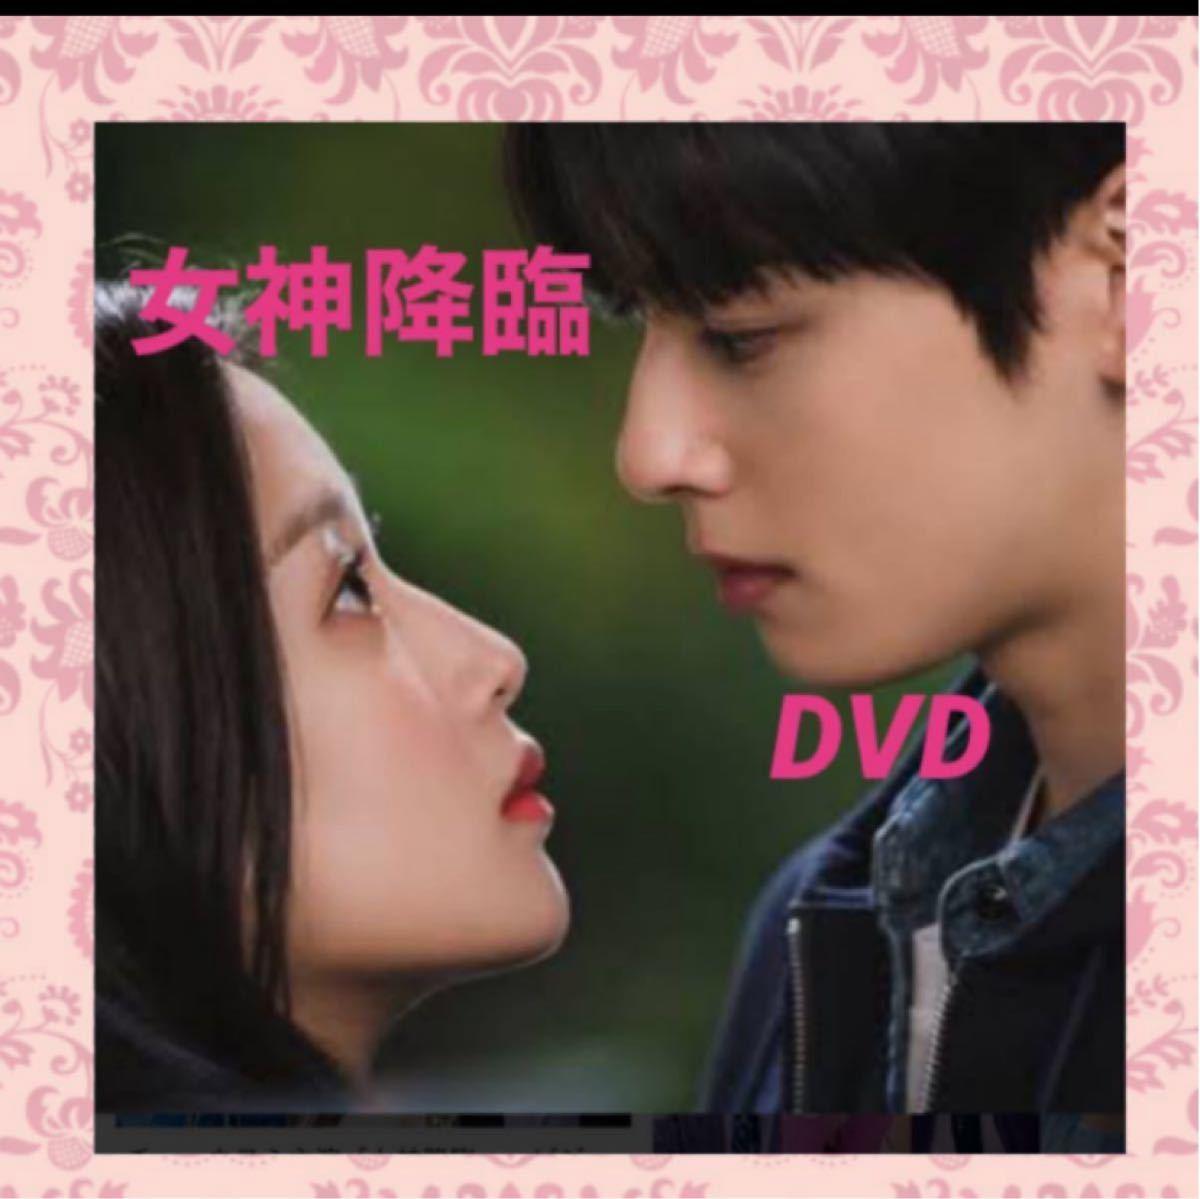 女神降臨 DVD全話【レーベル印刷あり】 韓国ドラマ